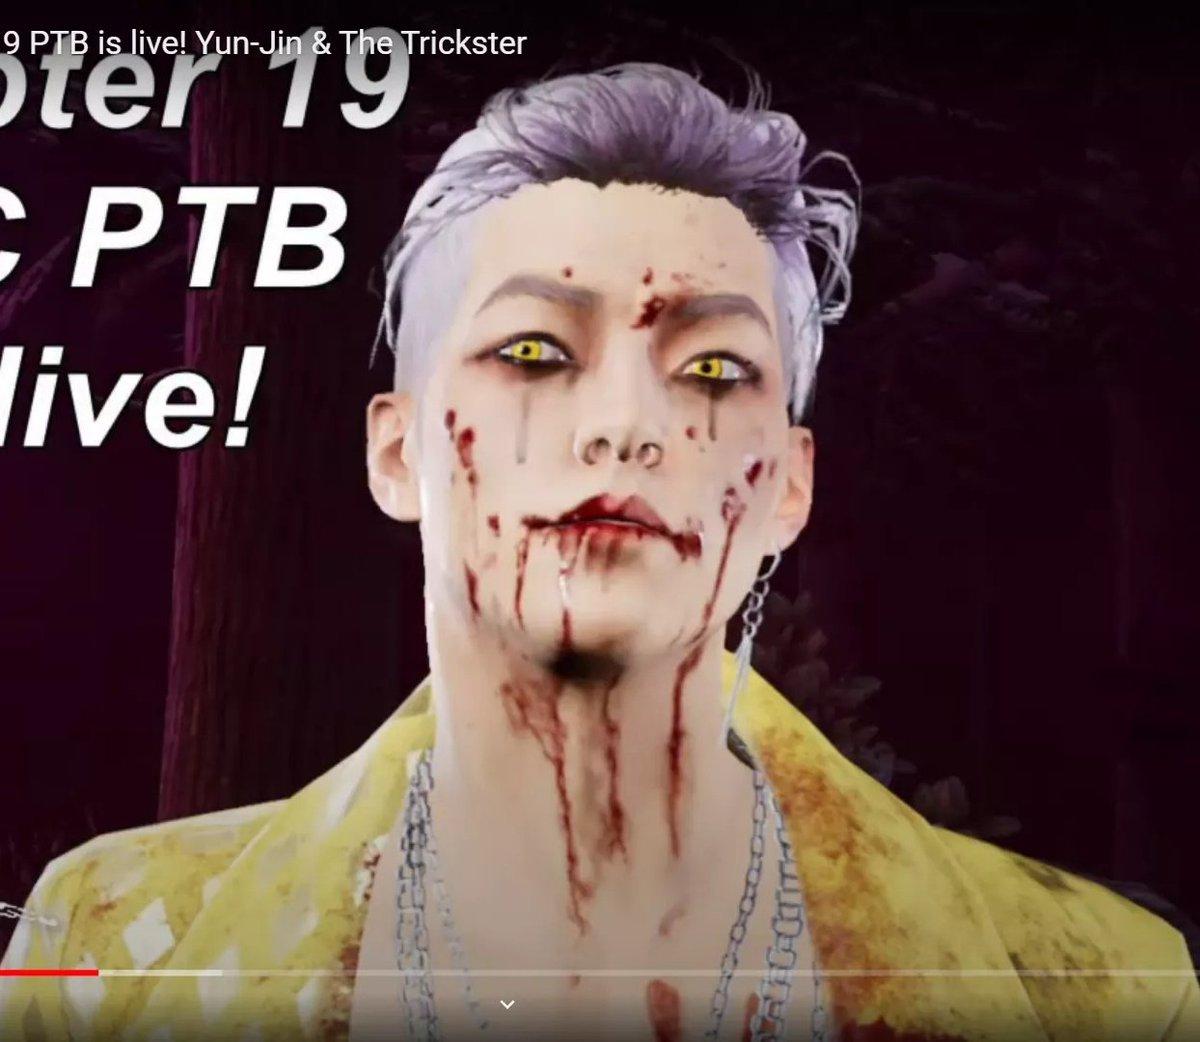 เฮ้ย Killer ตัวใหม่ใน dead by day light เหมือนฮงจุงAteezเลยอ่ะ ทรงผม ตา ปาก จมูก เป๊ะมาก!!! @ATEEZofficial #ATEEZ #FEVER_Part2 #FireForce #YtBringAteezViewsBack #DeadbyDaylgiht